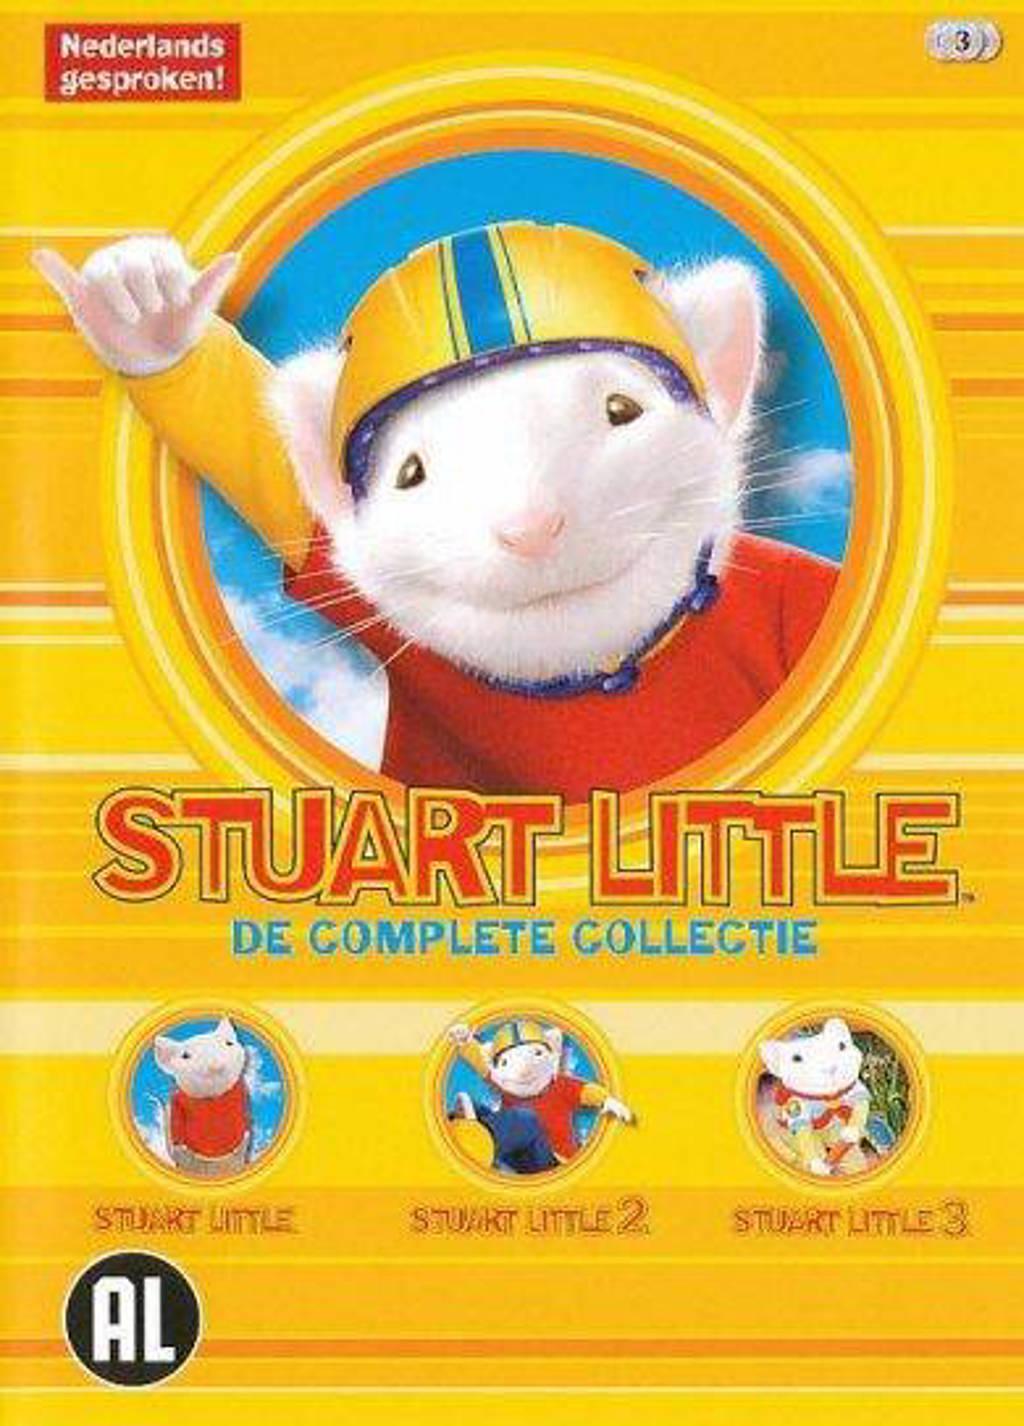 Stuart Little de complete collectie (DVD)